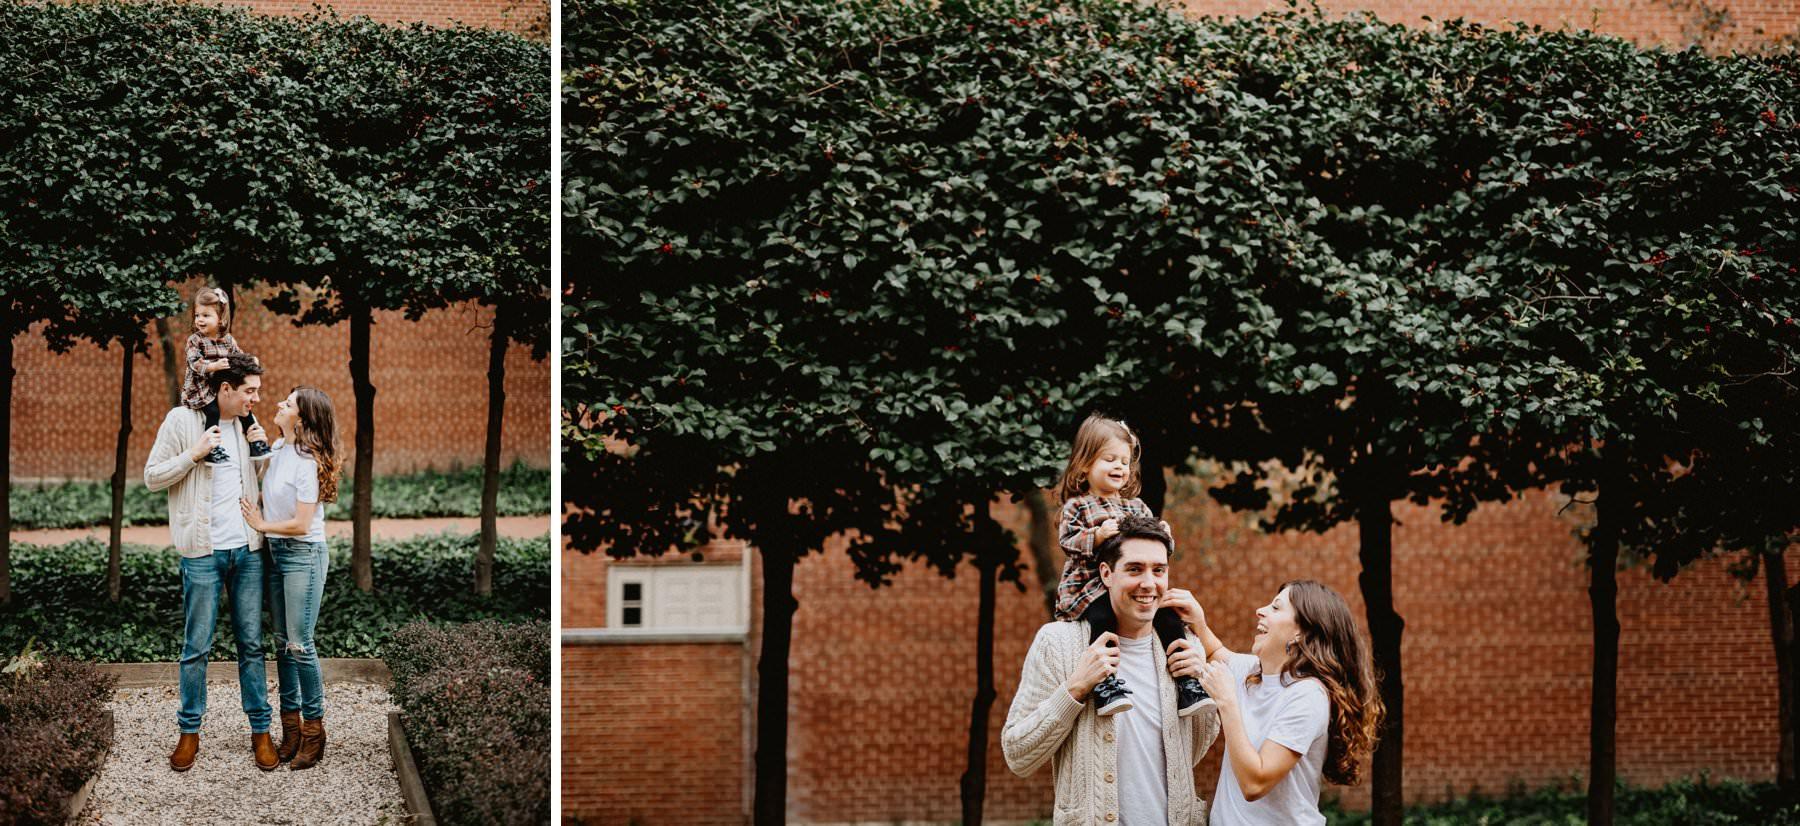 Philadelphia_family_photographer-20.jpg